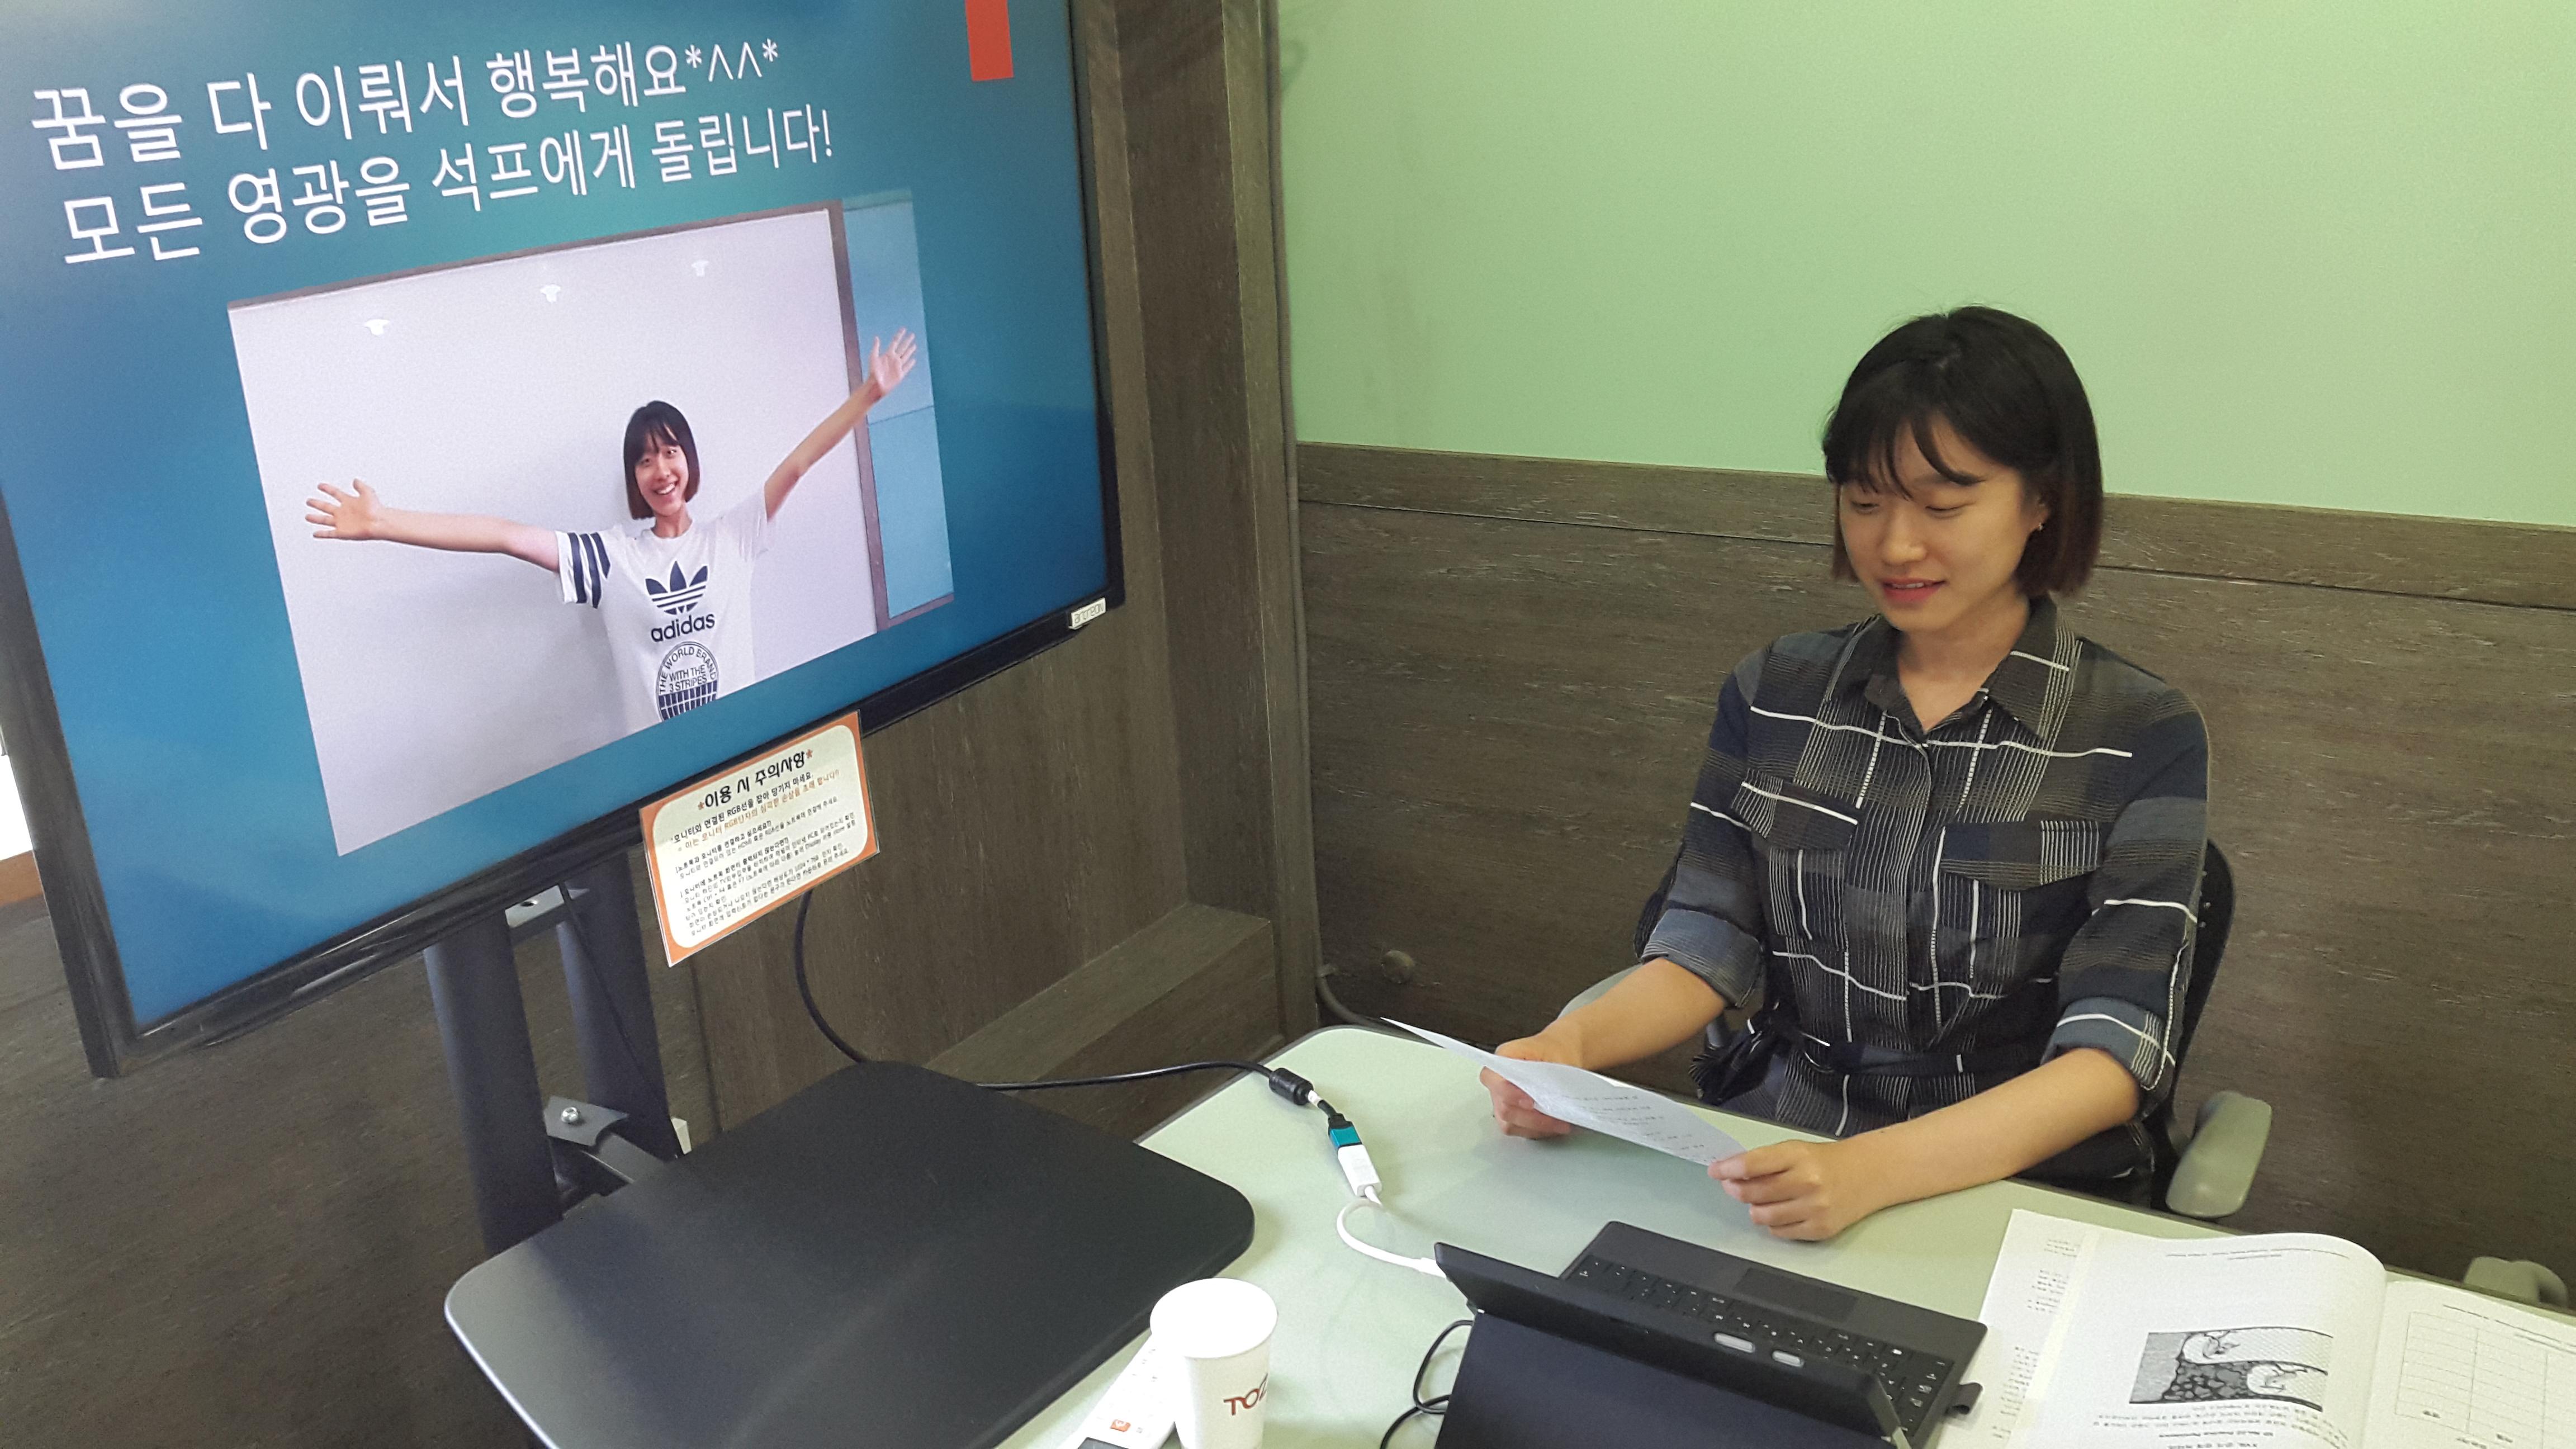 박윤선 발표 5년후